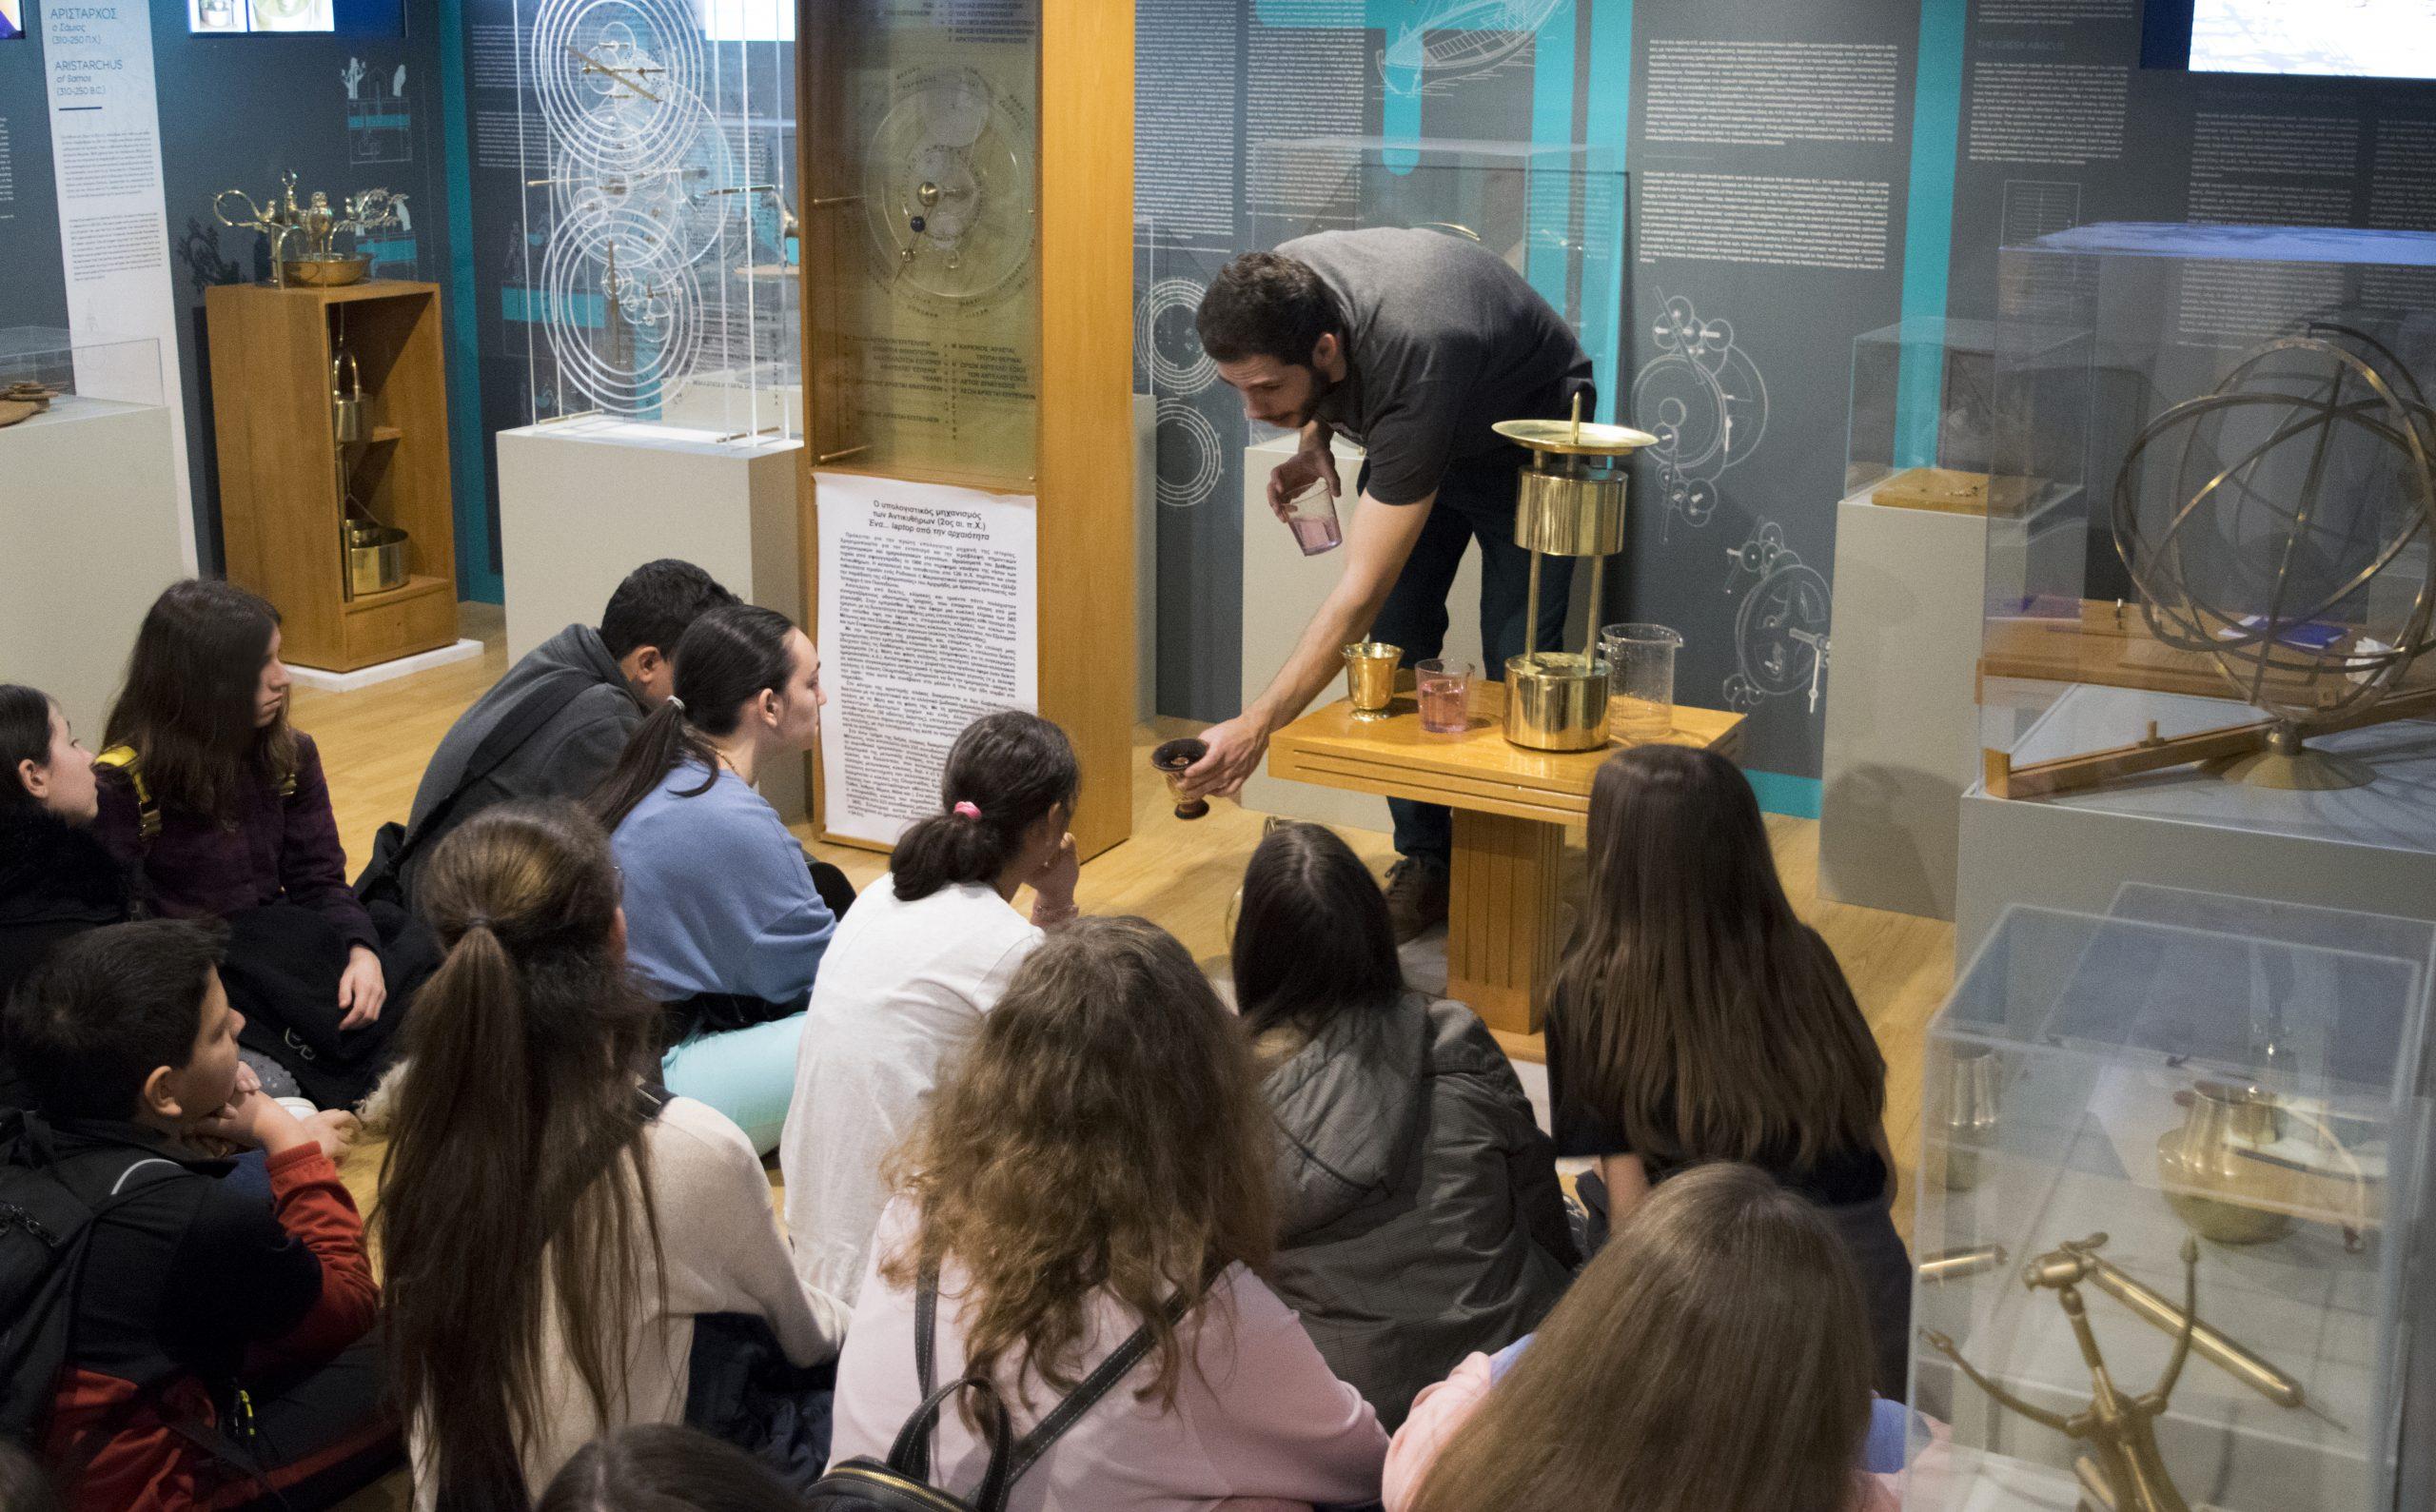 Εκπαιδευτικά προγράμματα Φεβρουαρίου στο Μουσείο Κοτσανά!